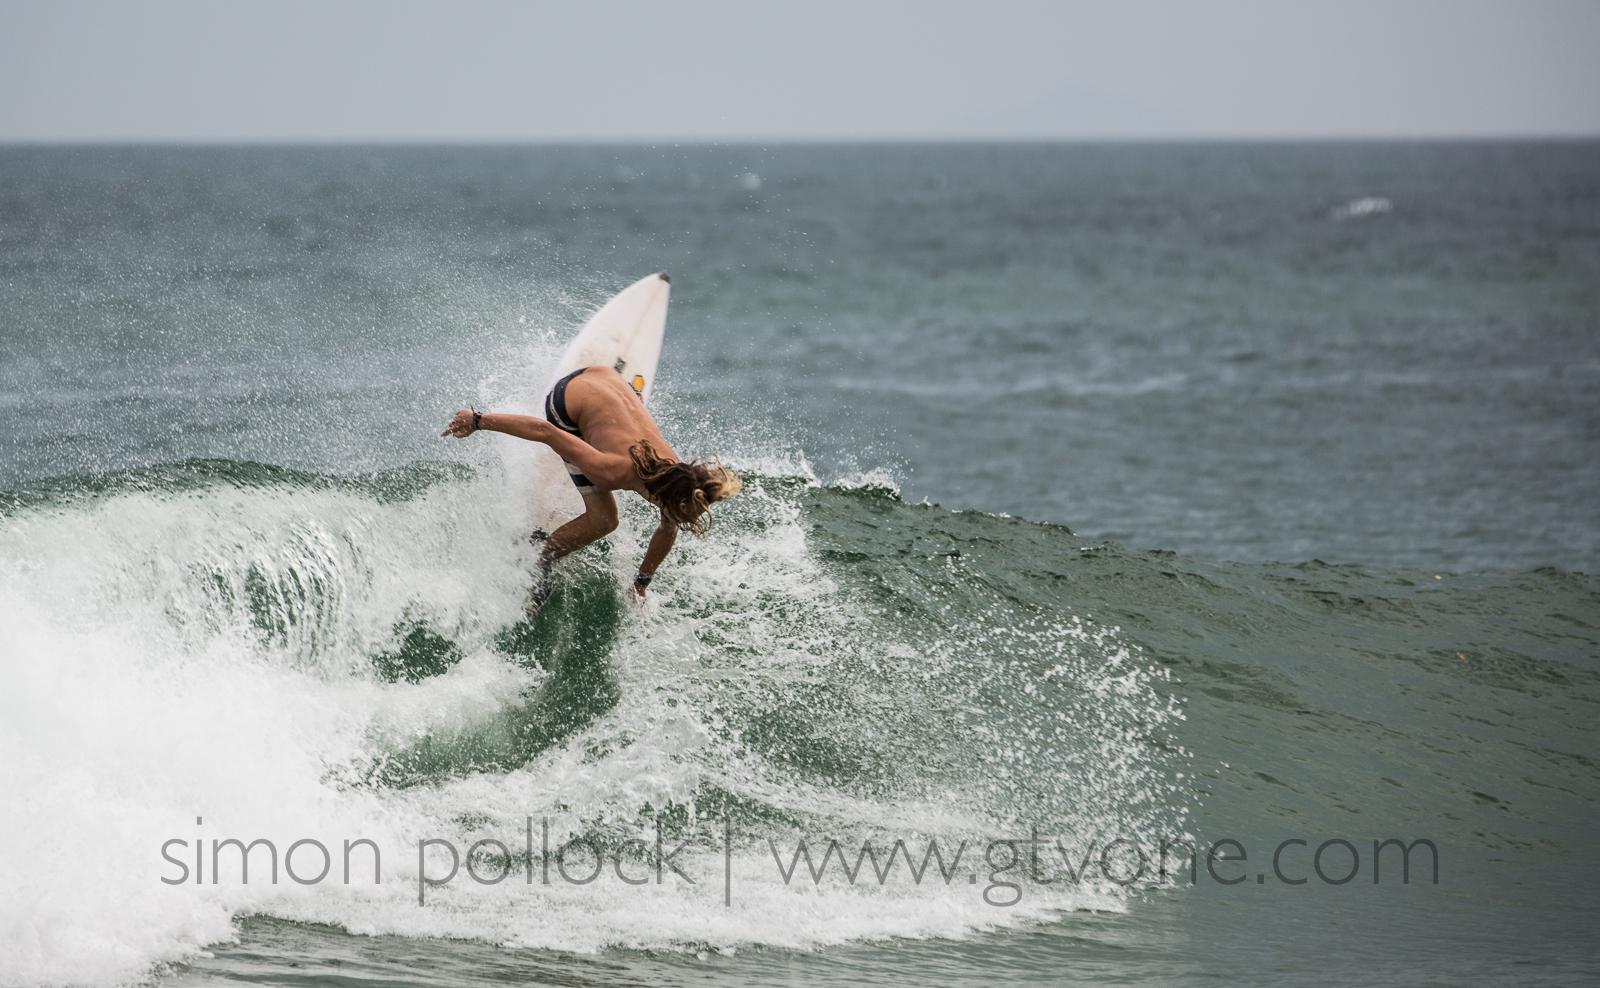 Mitch Pollard surfing Sawtell